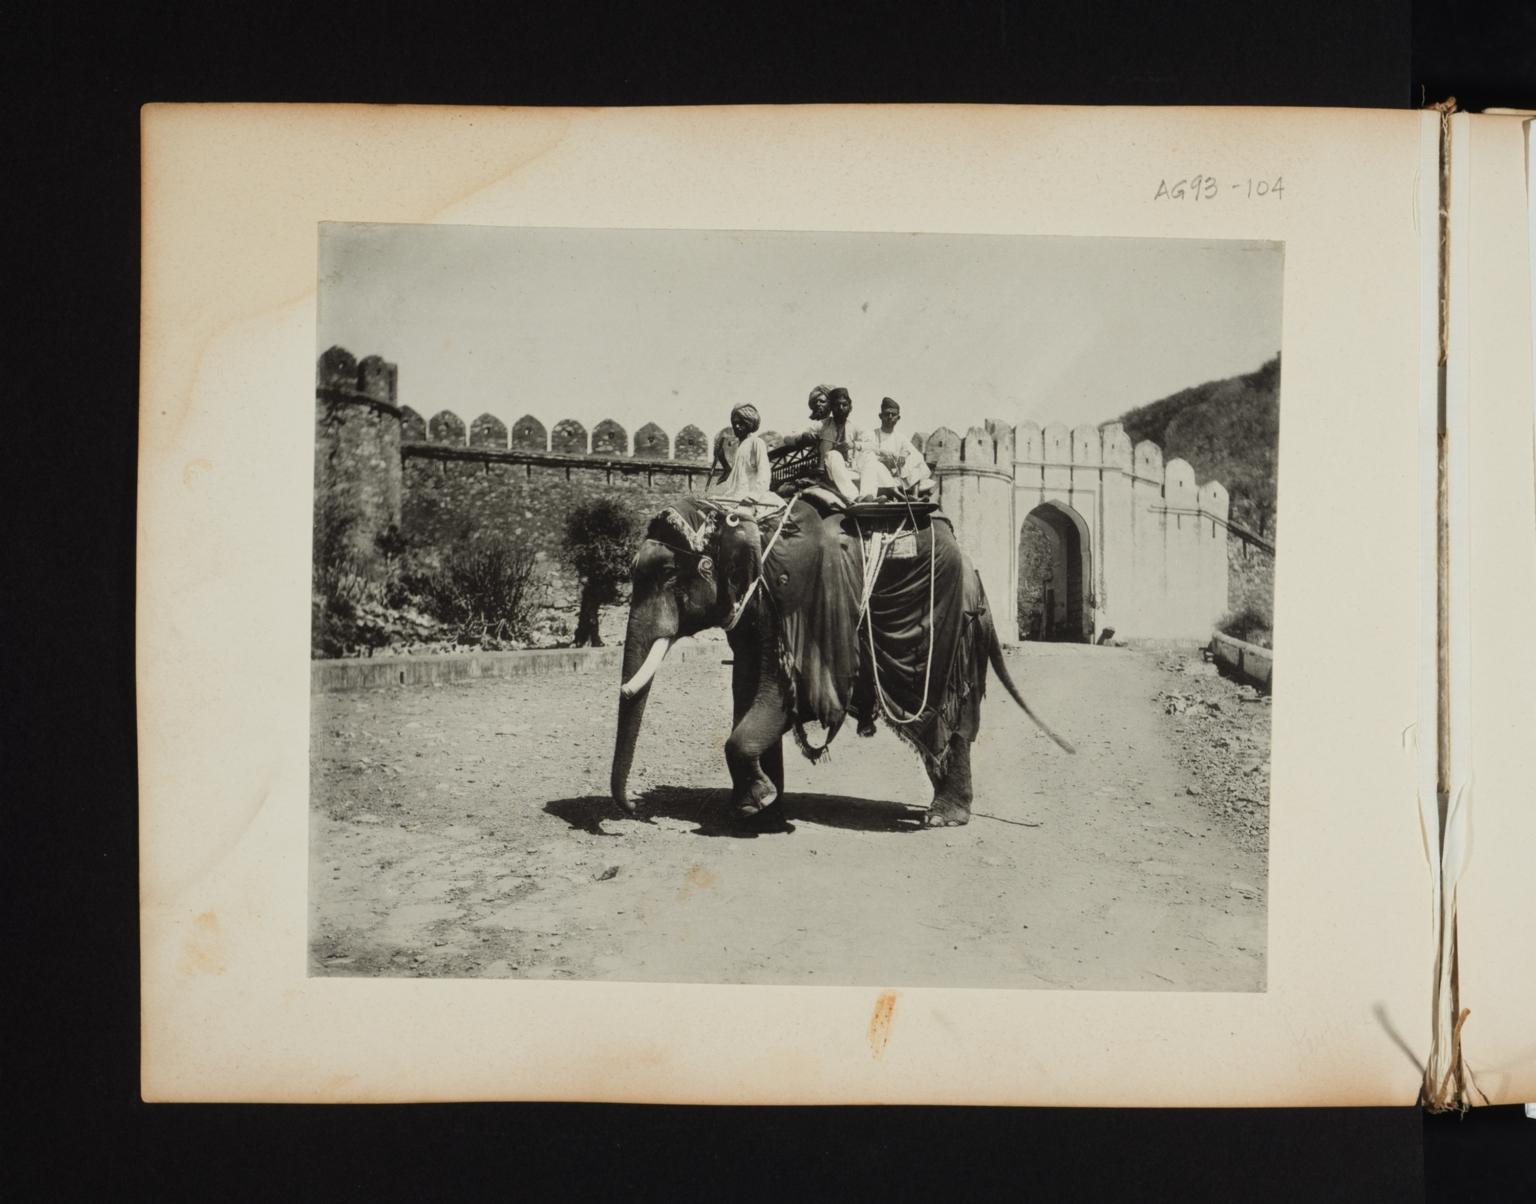 Four men on an elephant.